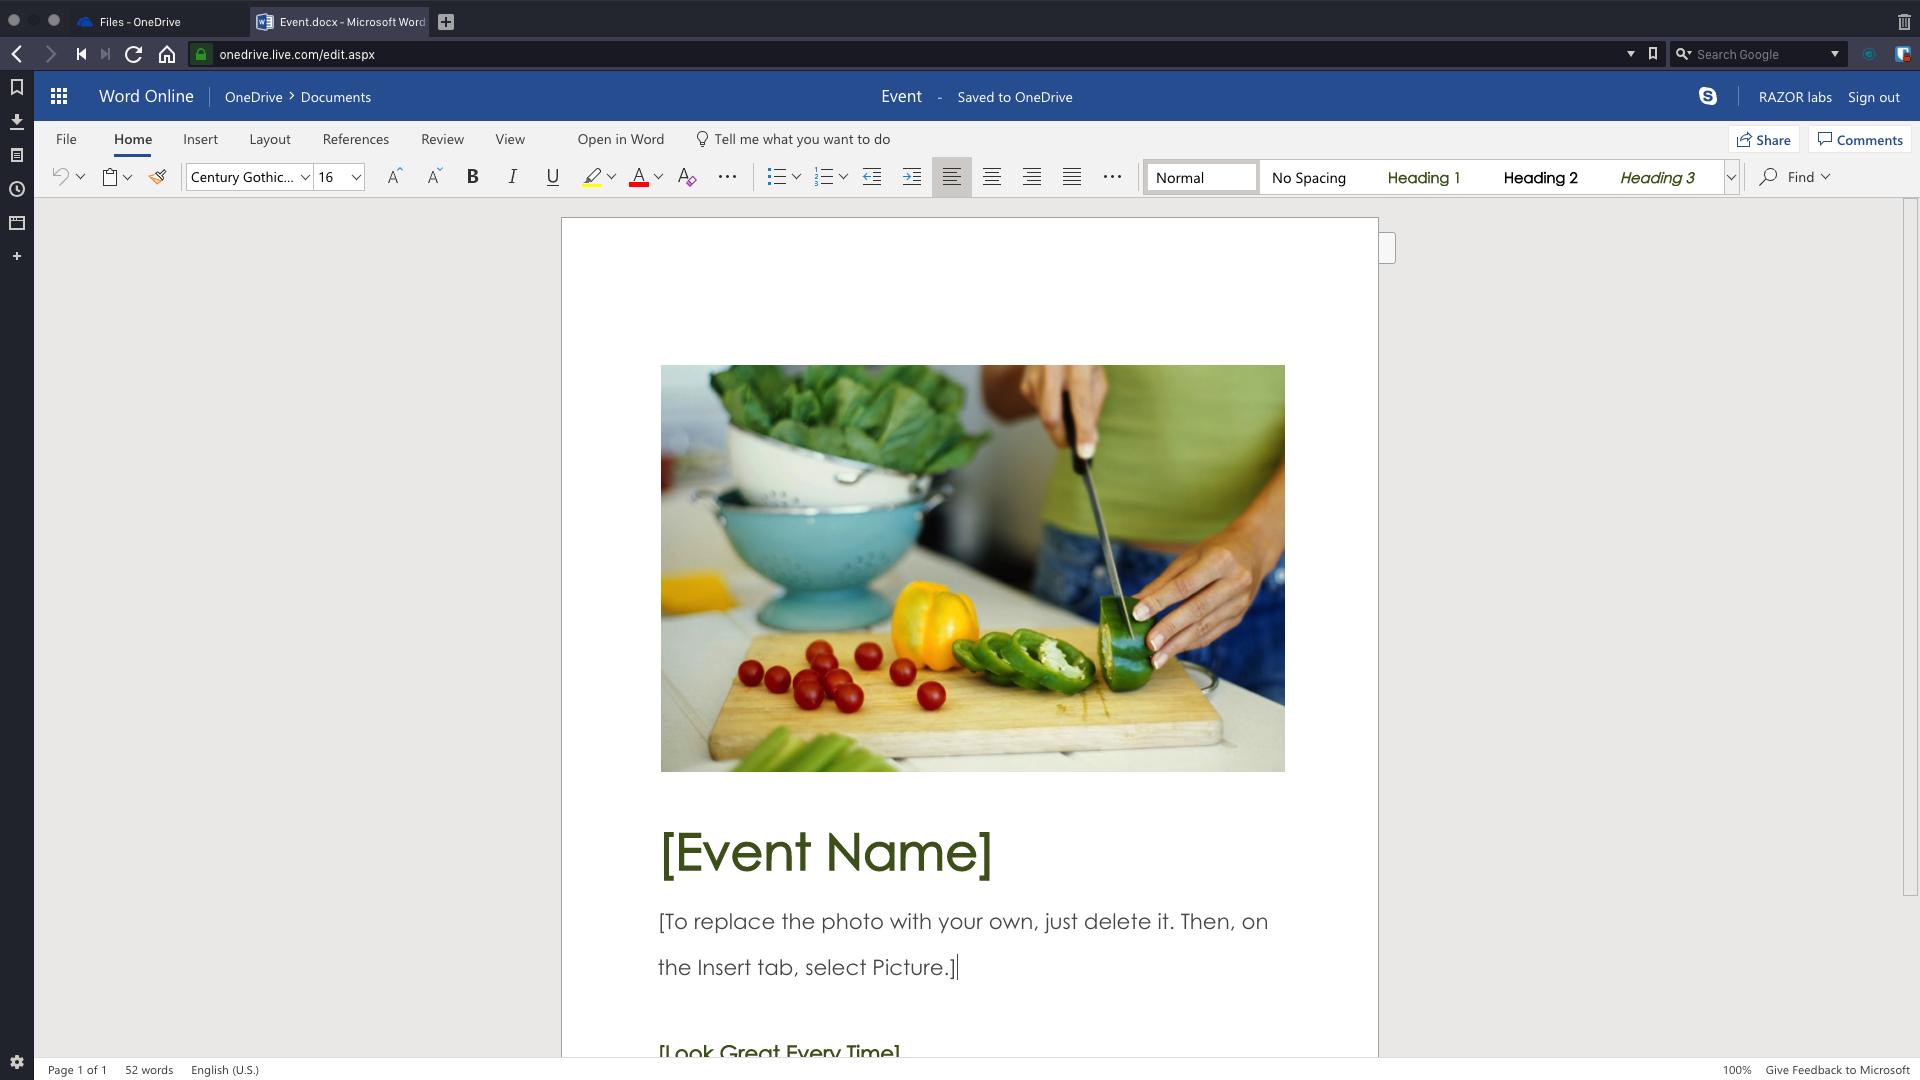 Event.docx - Microsoft Word Online - Vivaldi 2019-01-14 12-58-06